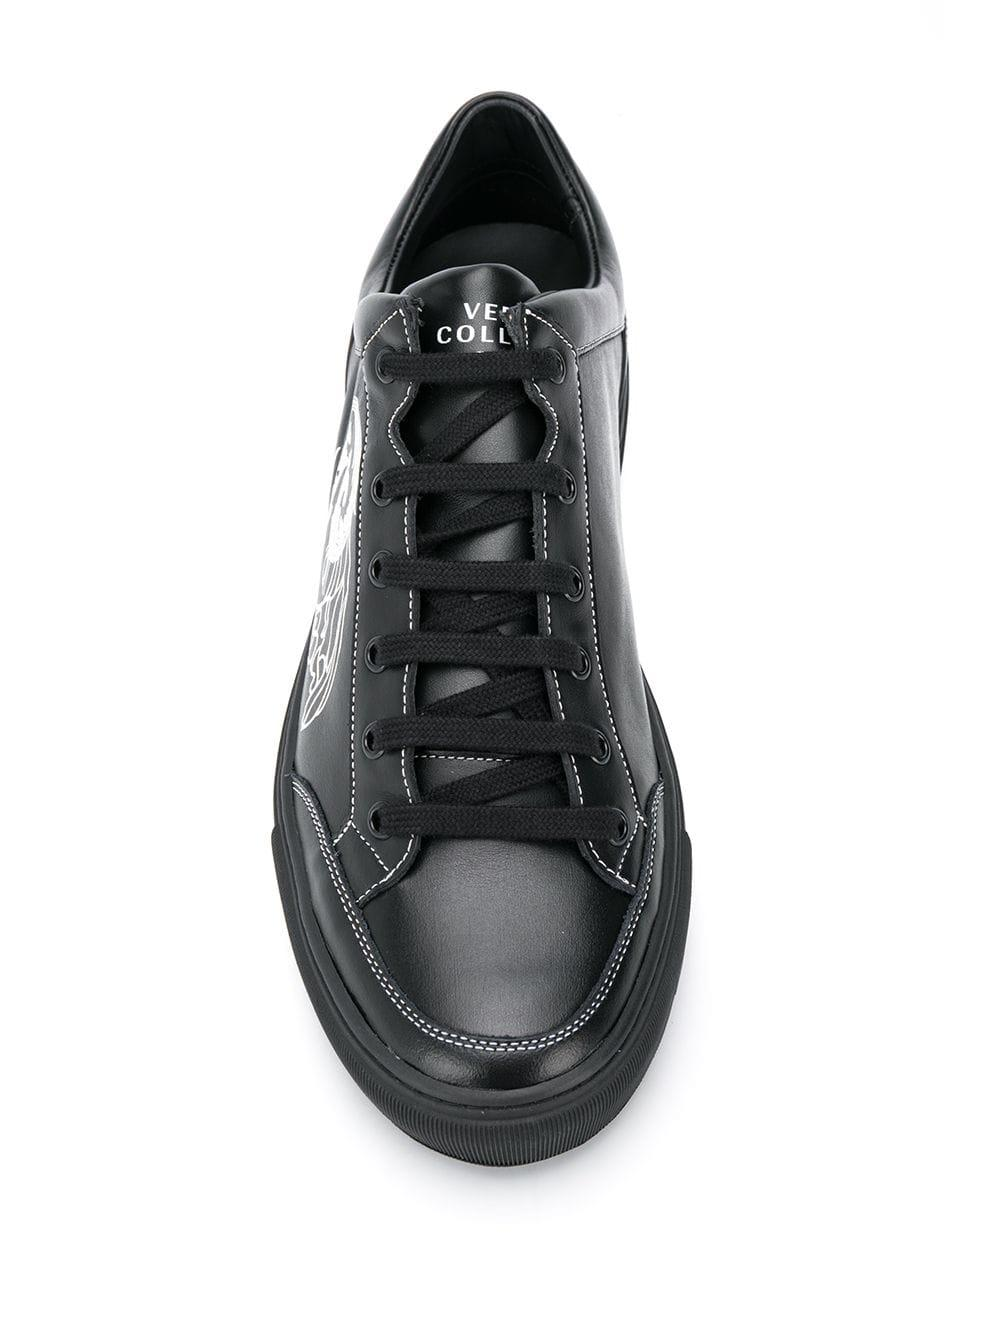 Zapatillas con logo estampado Versace de Cuero de color Negro para hombre